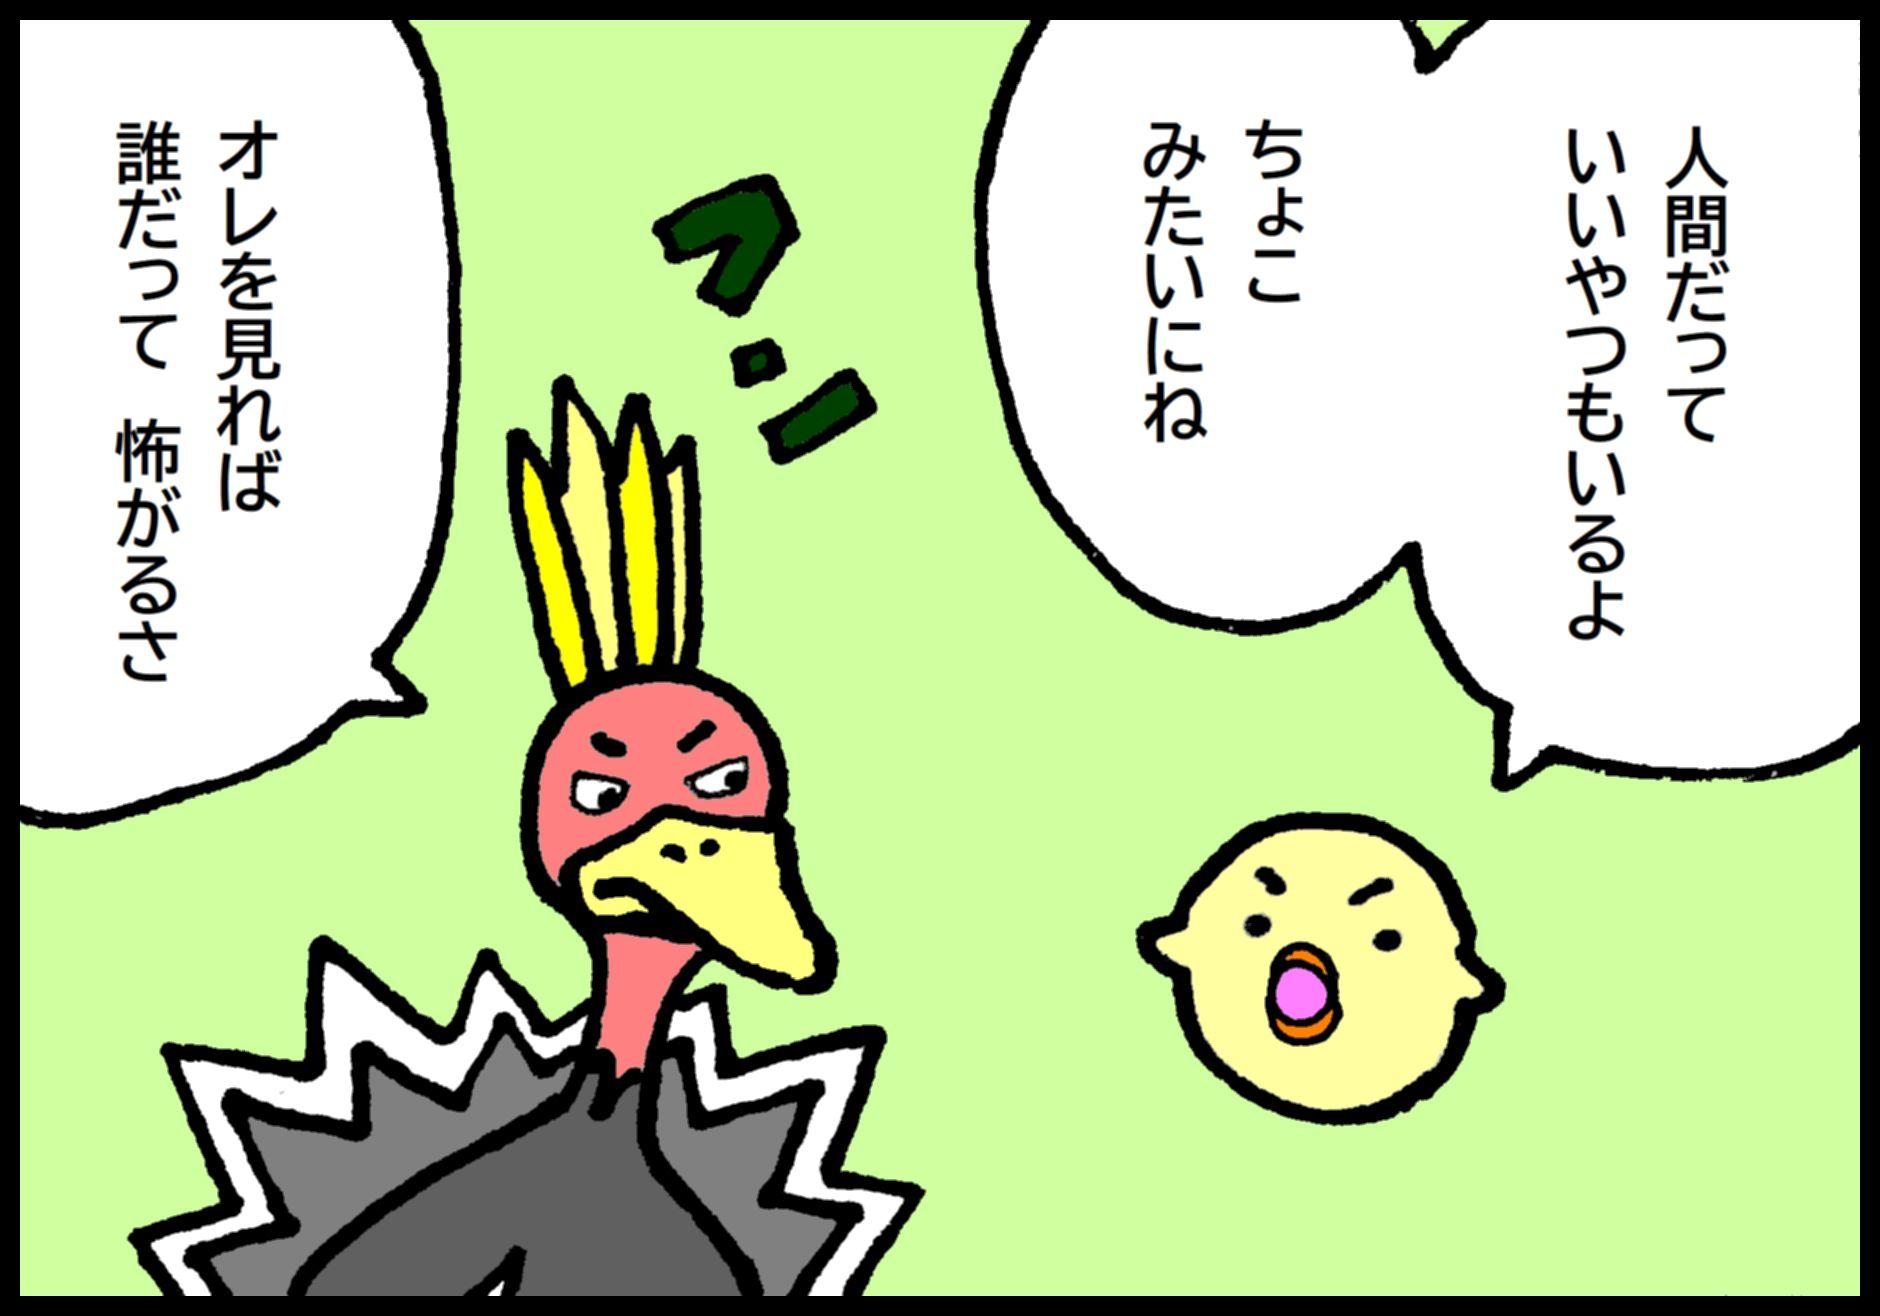 『夕やけちょこ』その42「ハイヨー」(1)